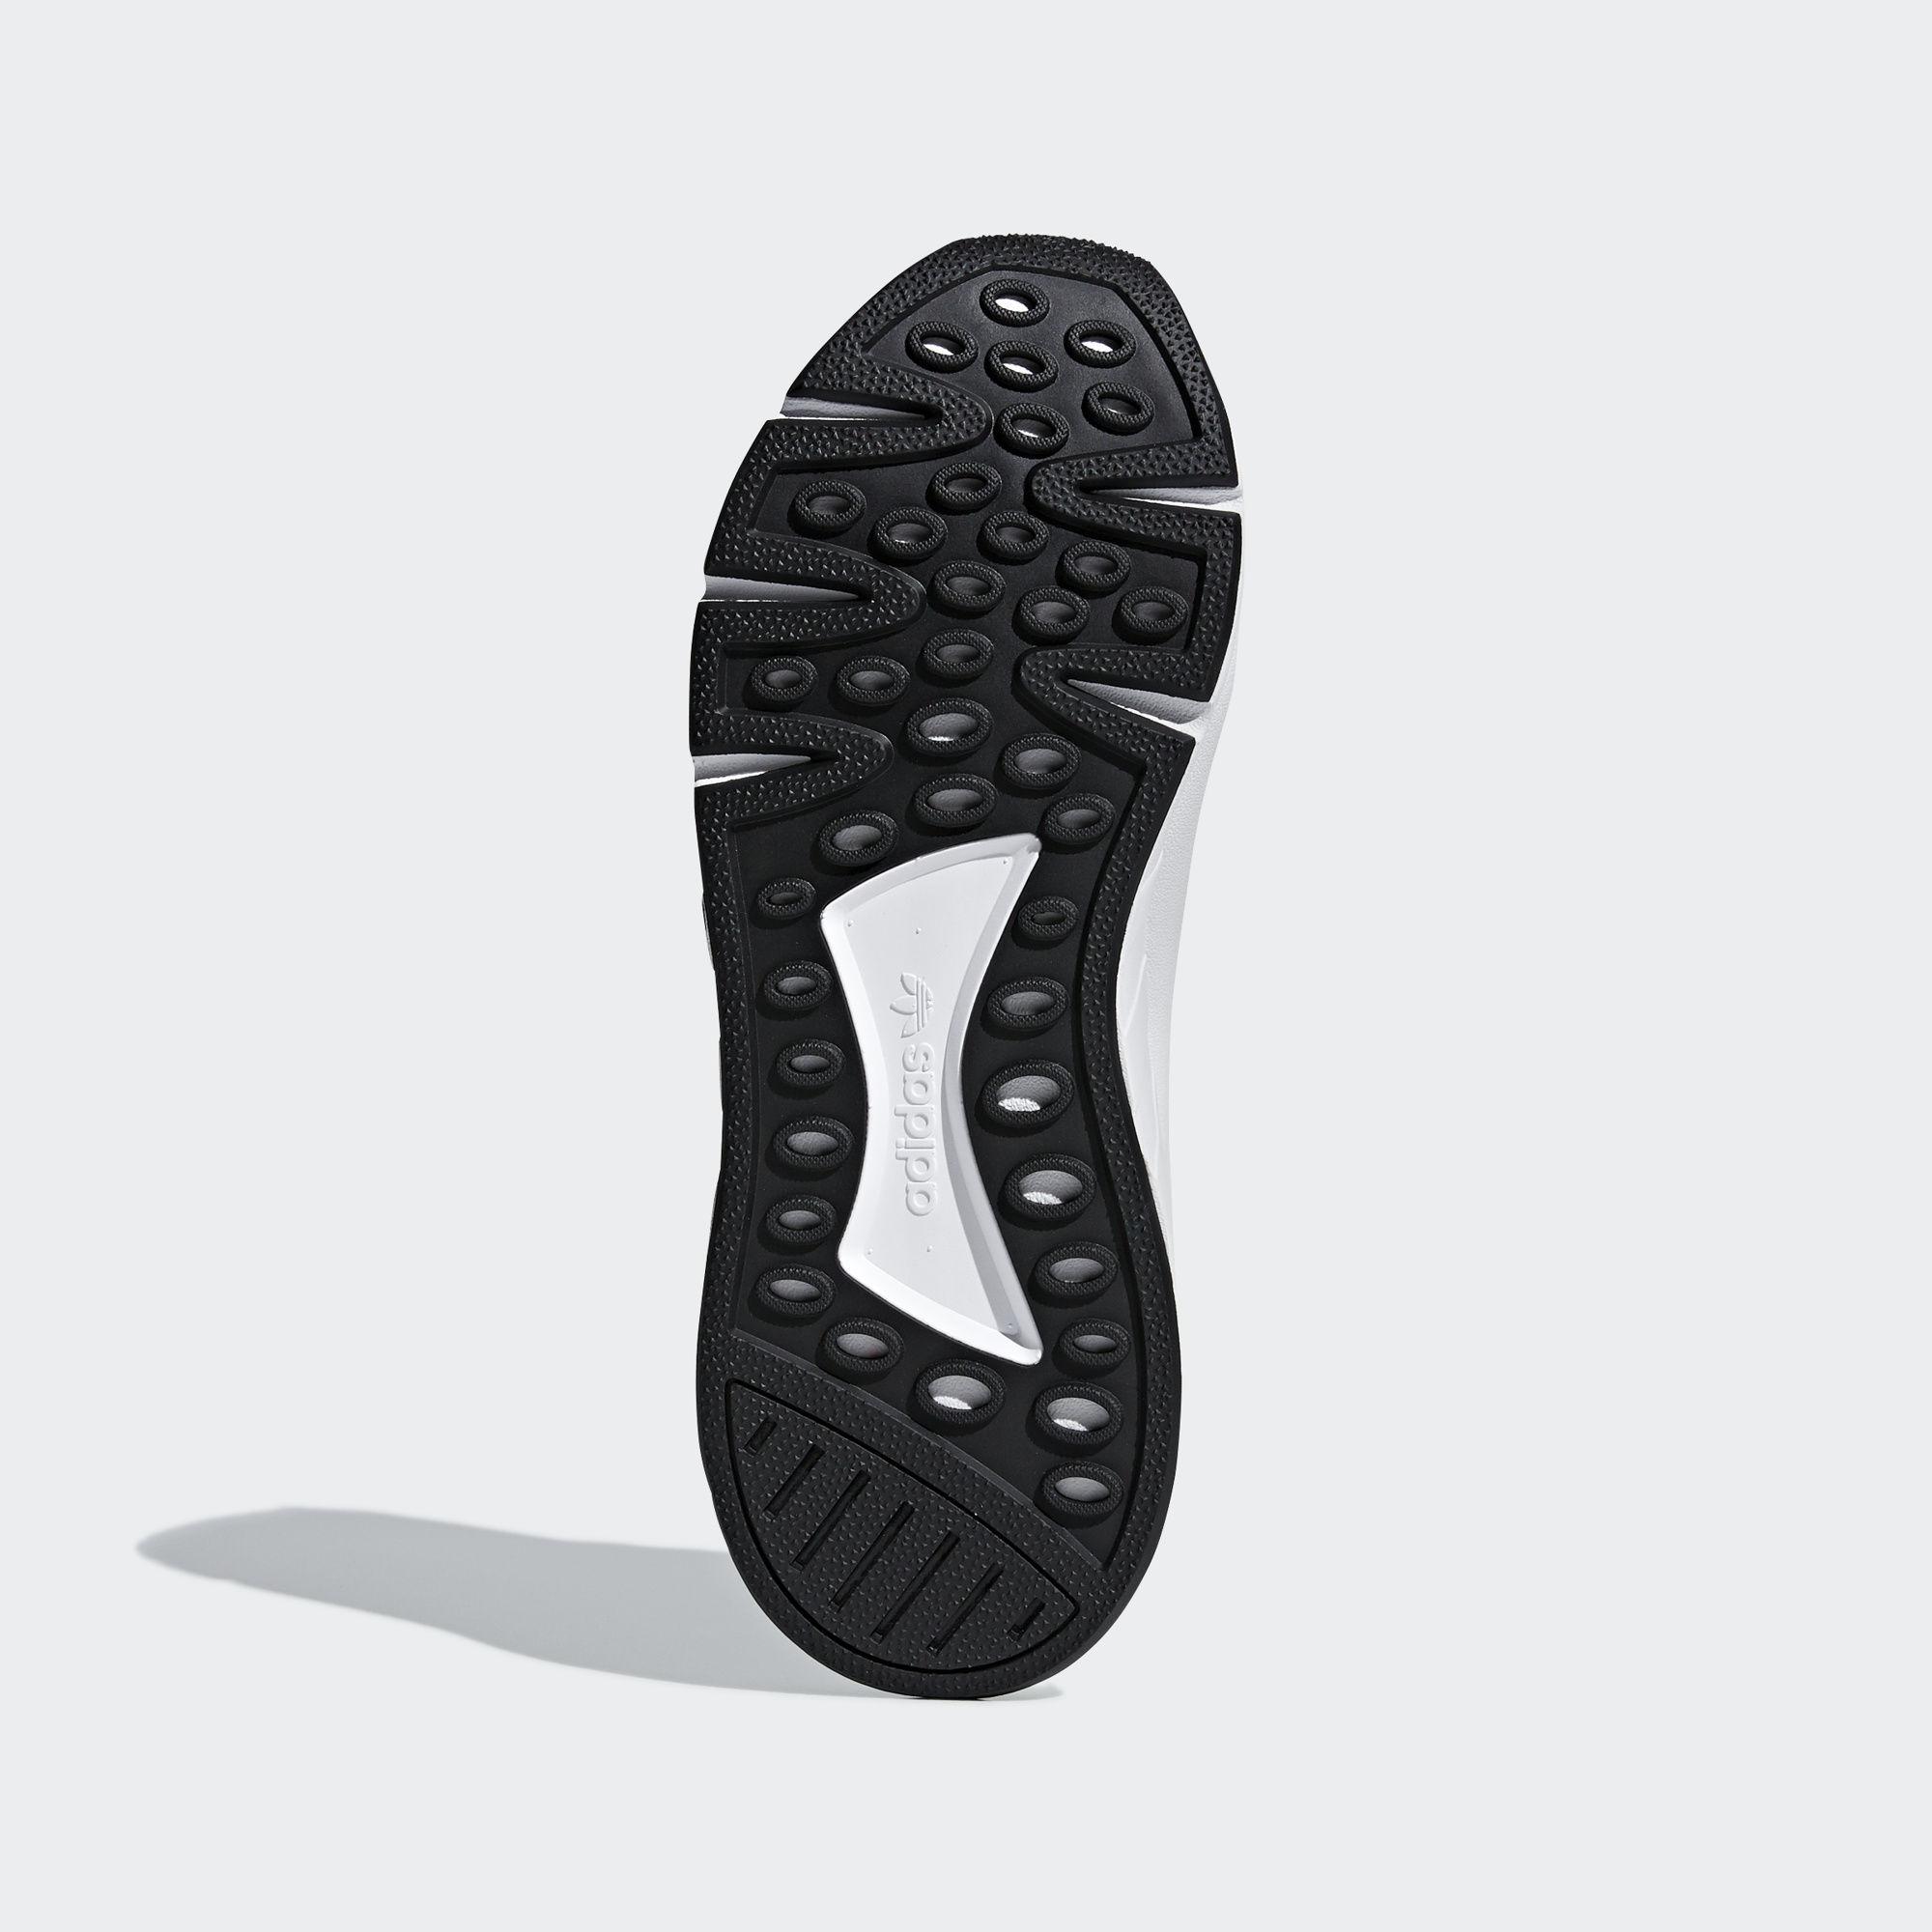 Adidas EQT Support Mid ADV Primeknit B37435